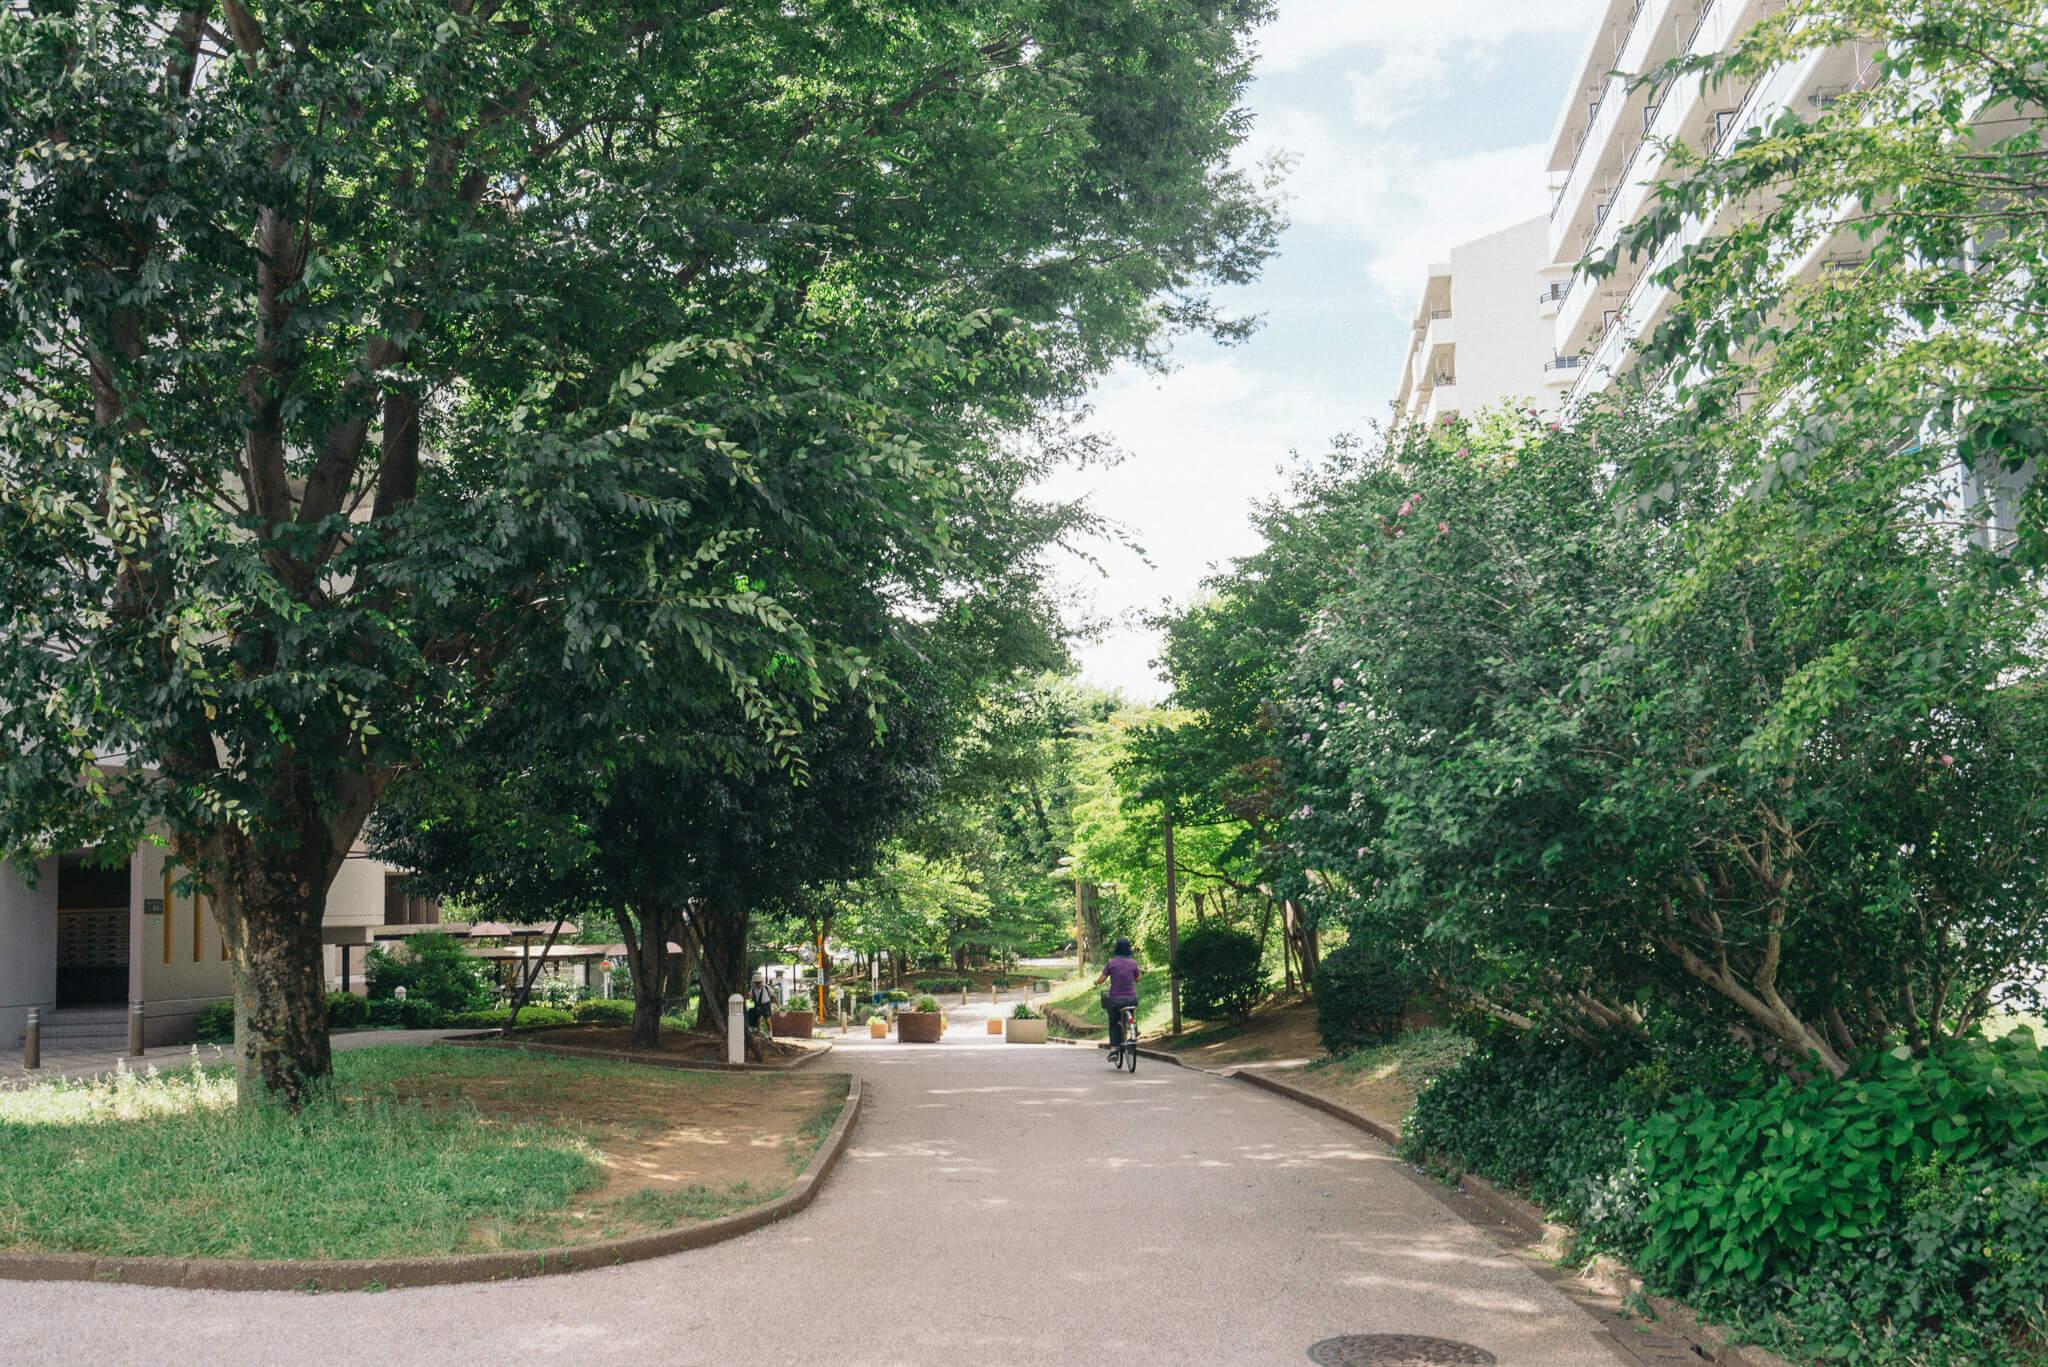 緑町住宅、武蔵野住宅、2つあるバス停を降りると、すぐ武蔵野緑町パークタウンの入り口。敷地内に入ると木々が豊かに茂る気持ちのよい緑道が続きます。